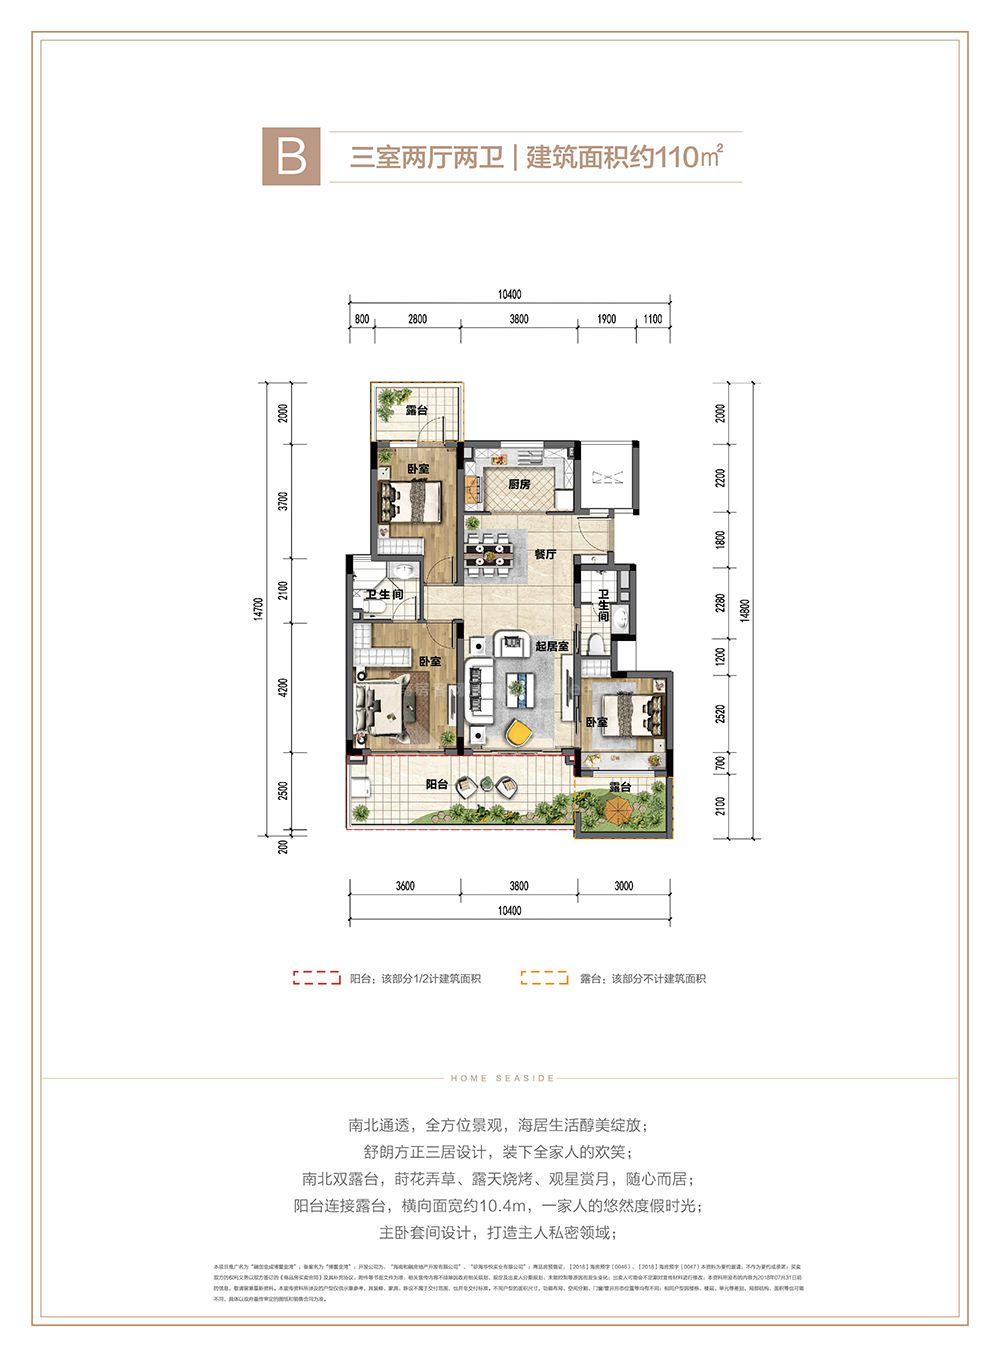 B户型 3房2厅2卫 建面110平